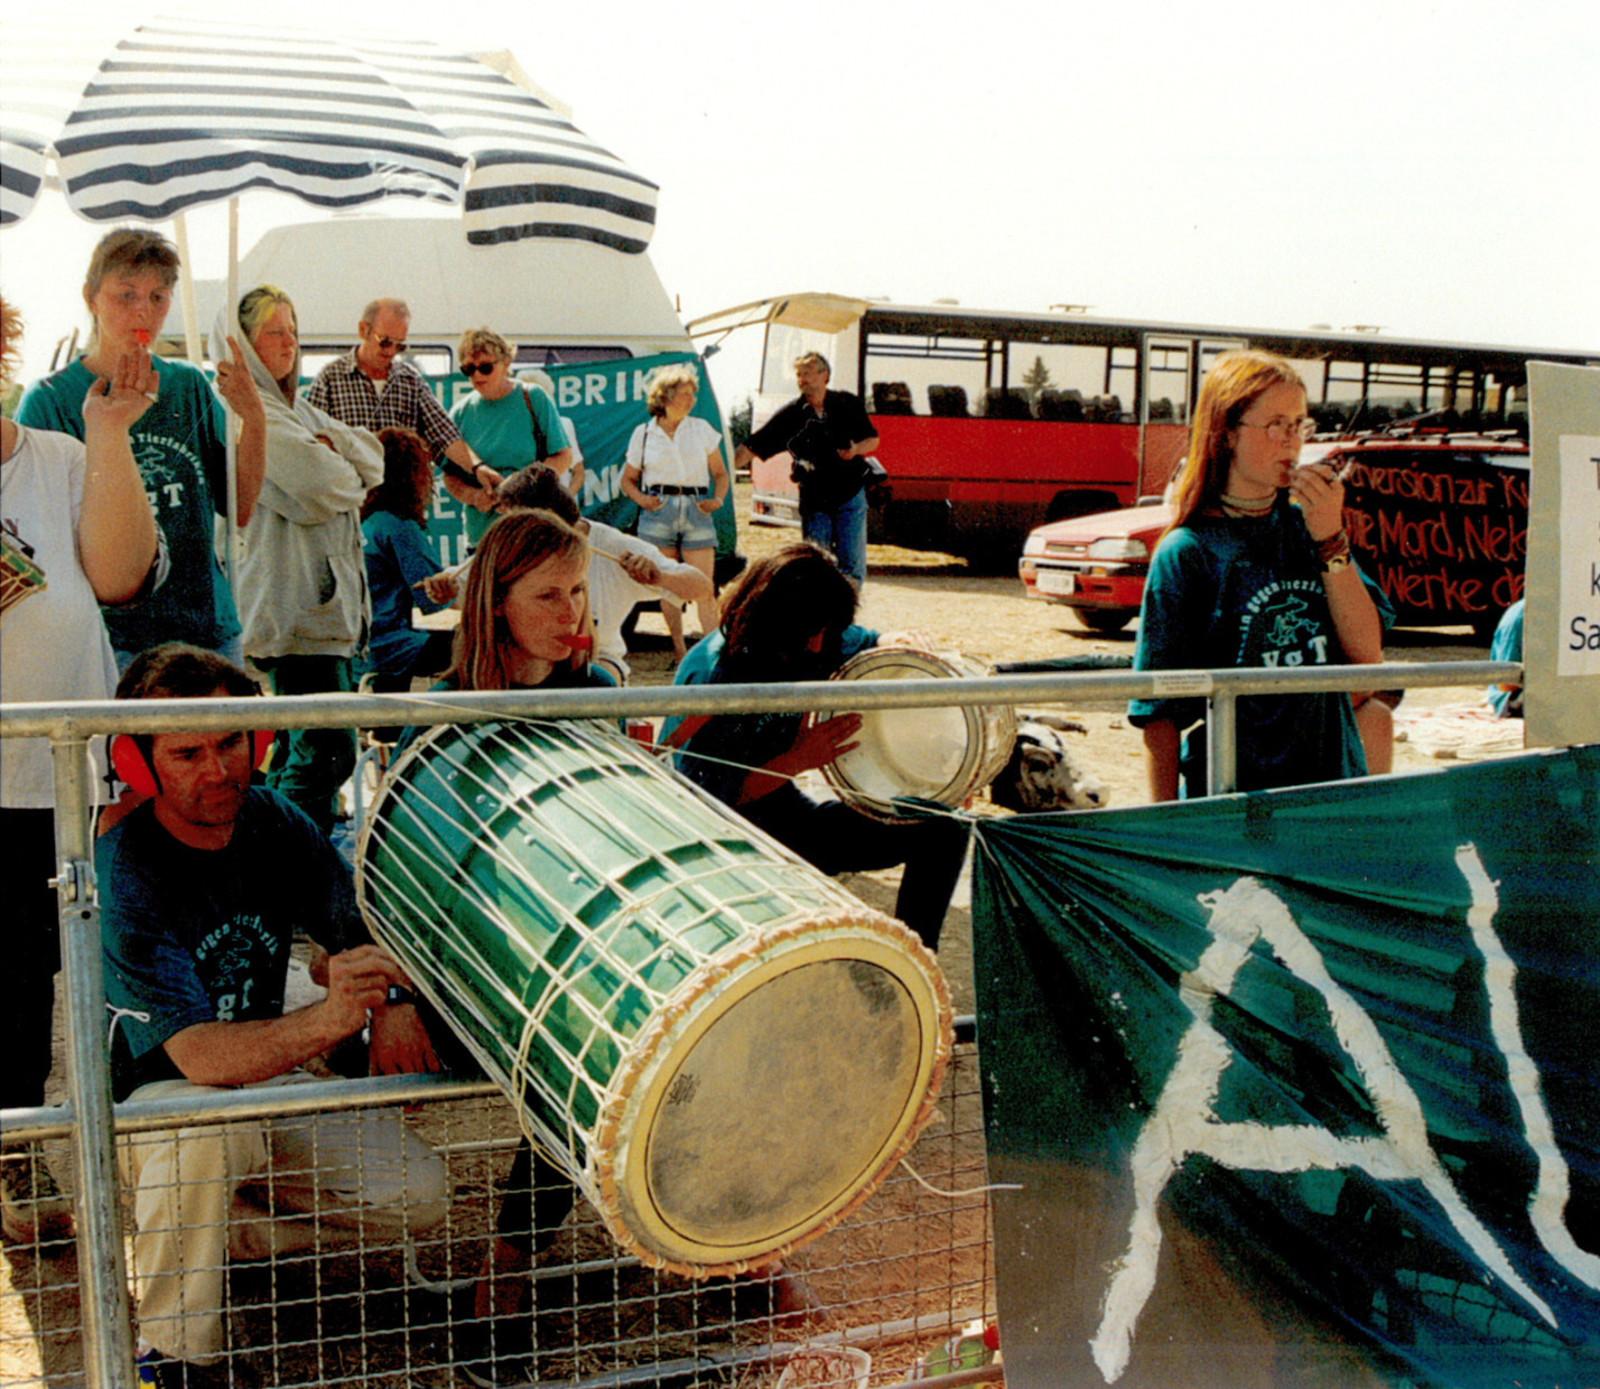 1998-08-08-nitsch-protest-04